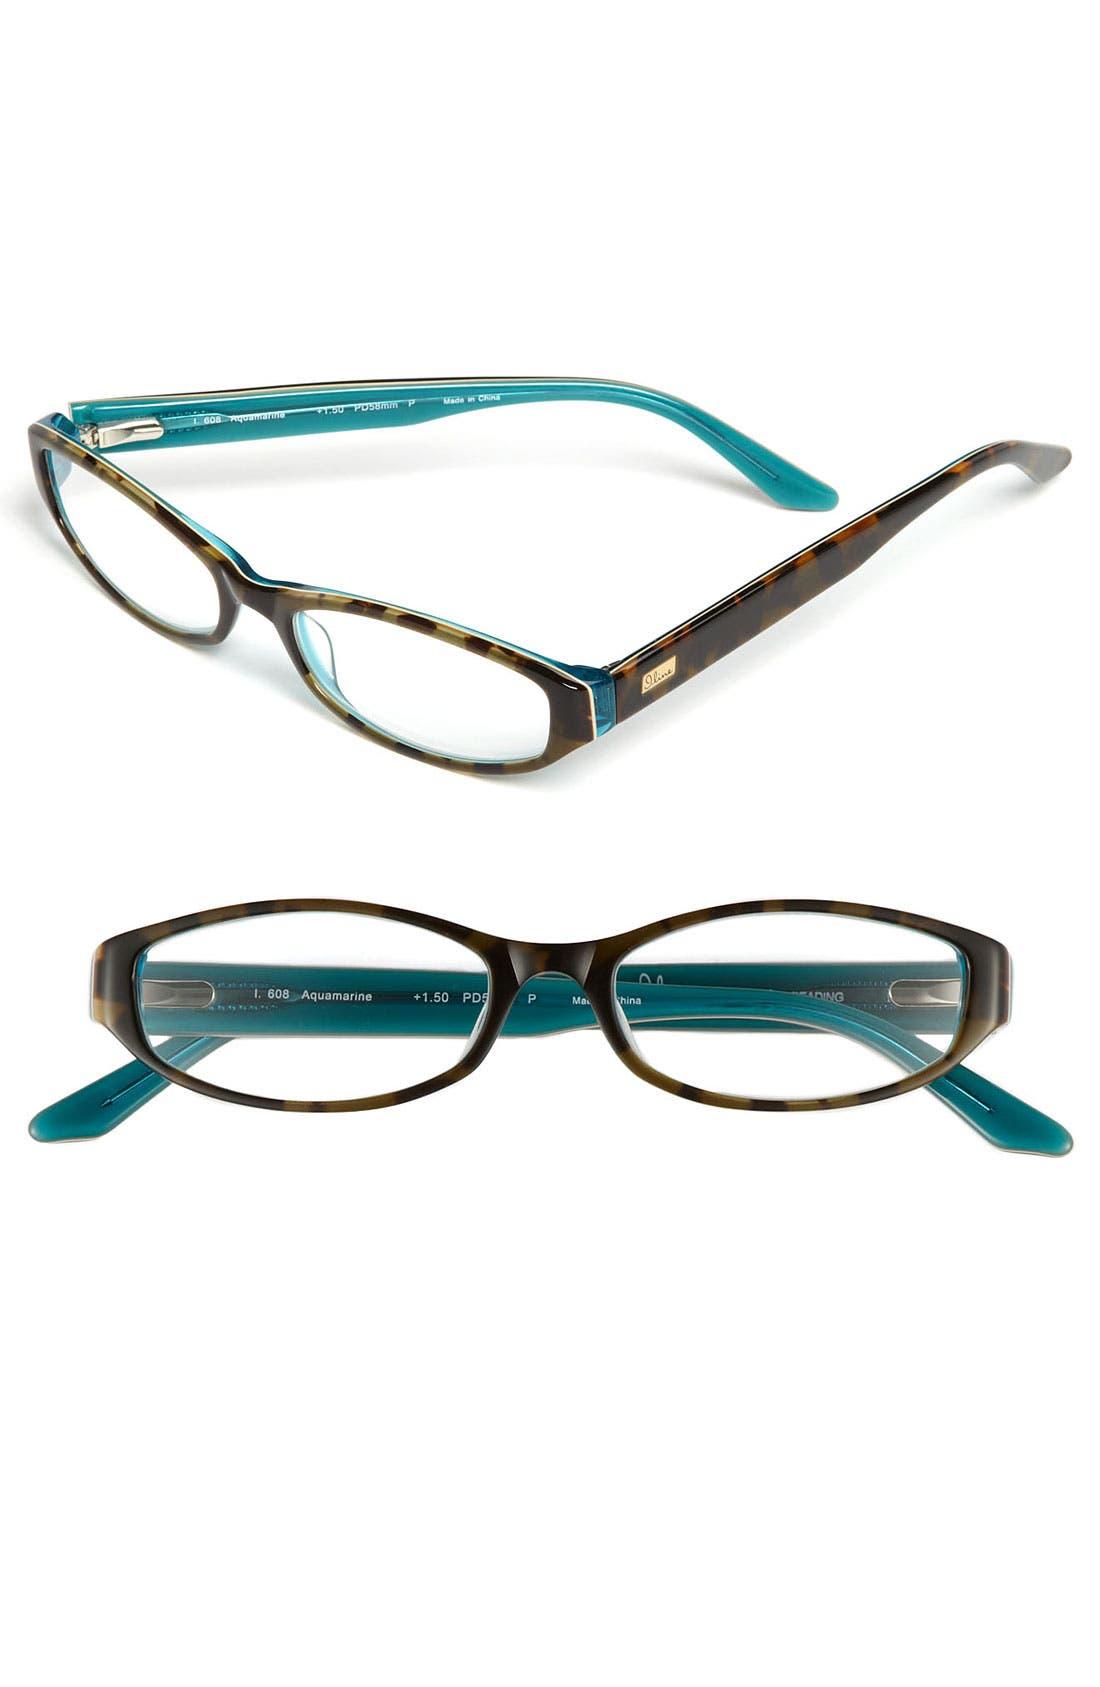 Main Image - I Line Eyewear 'Aquamarine' 51mm Reading Glasses